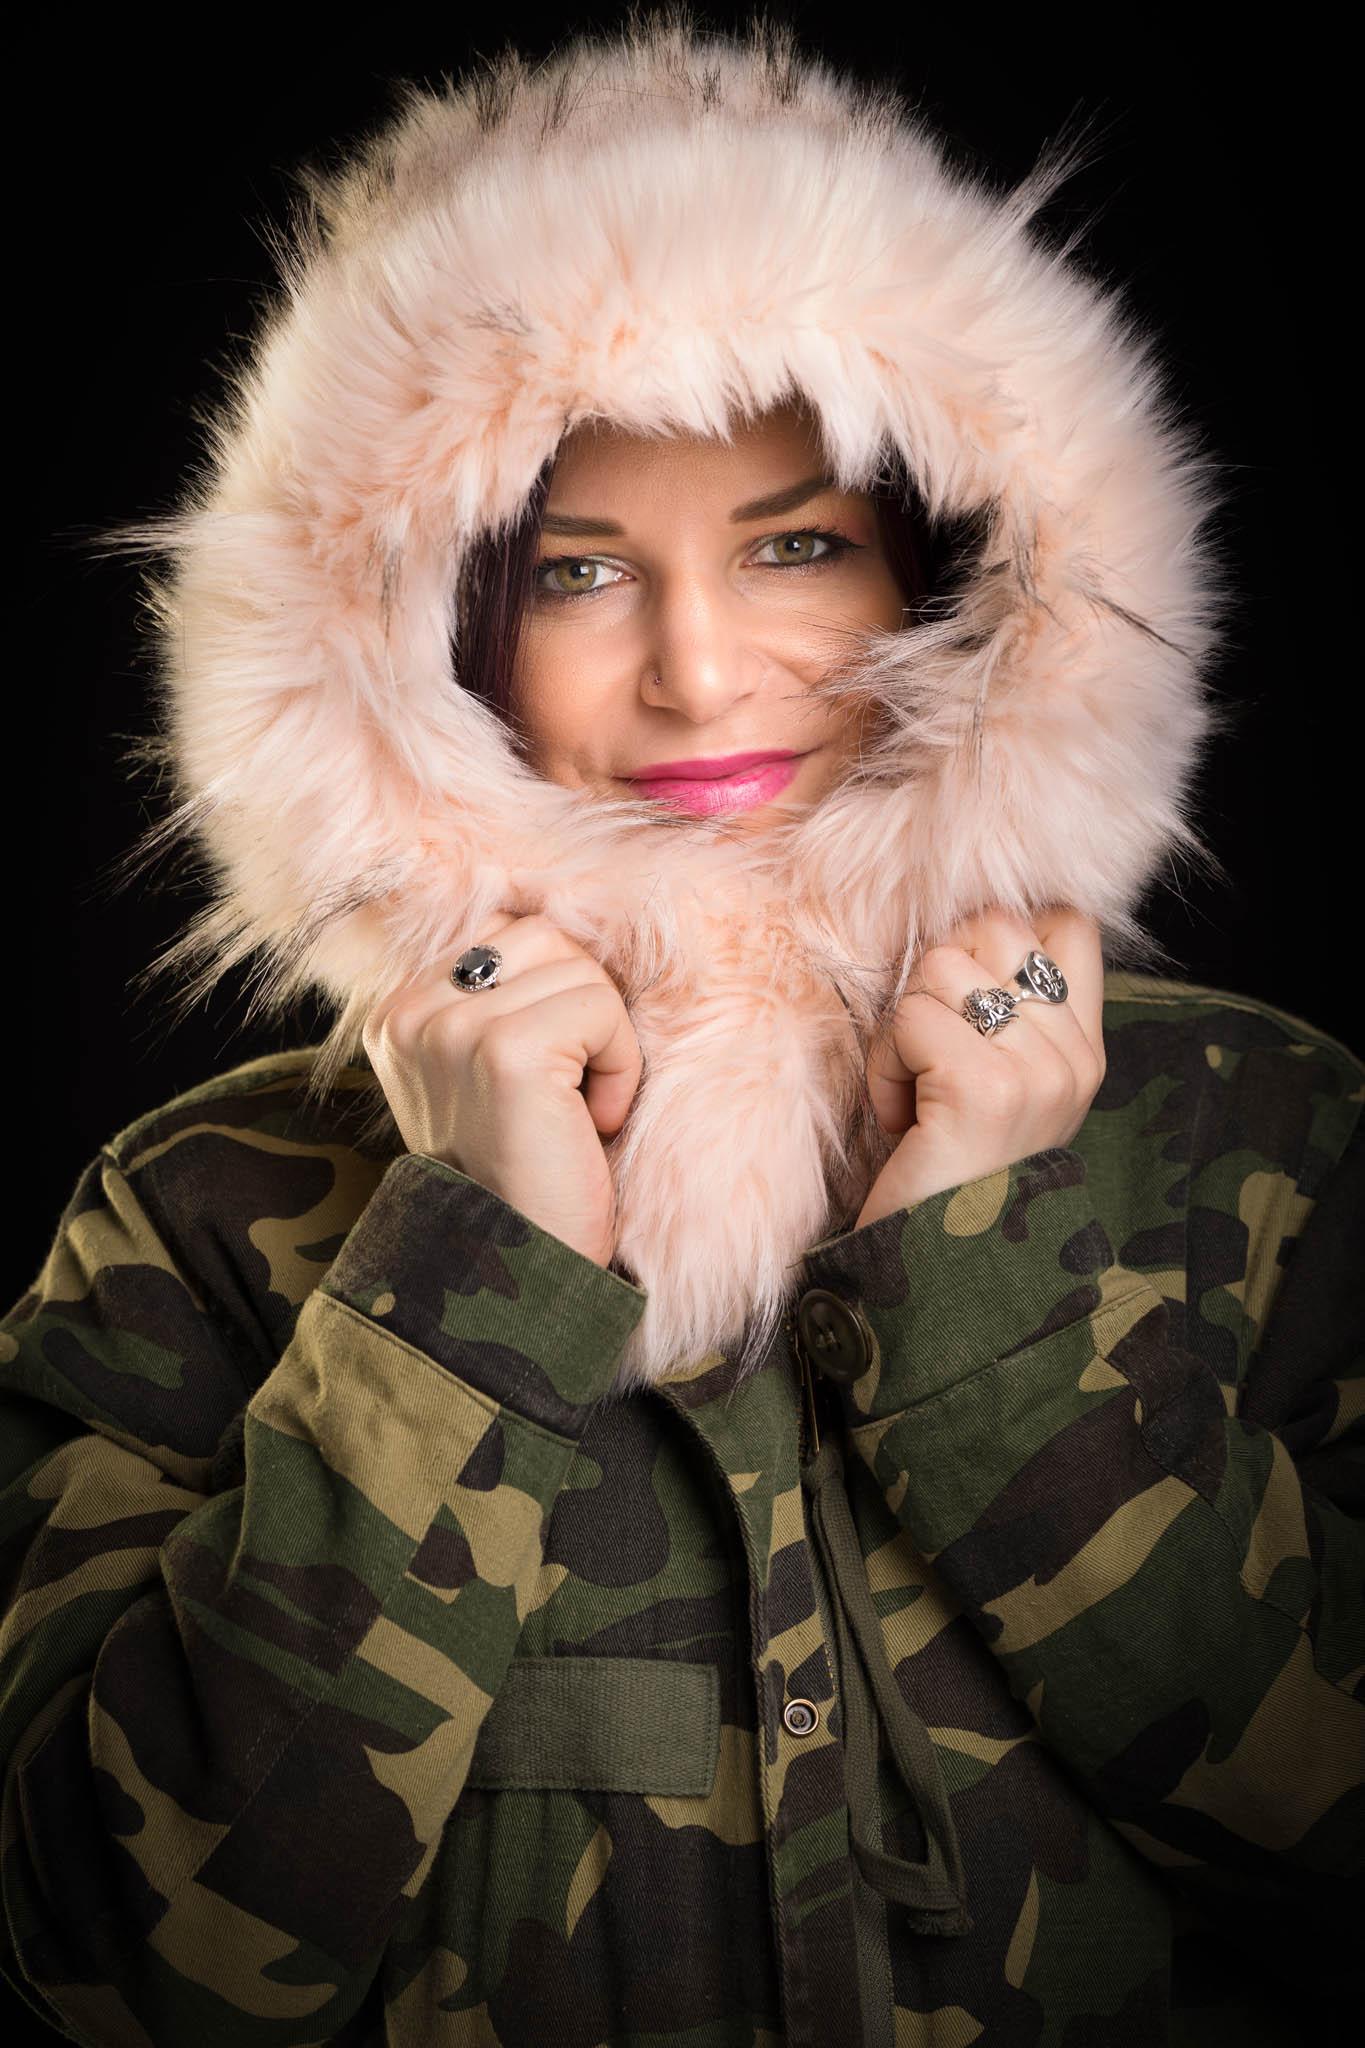 Cindy dans son manteau d'hiver-2